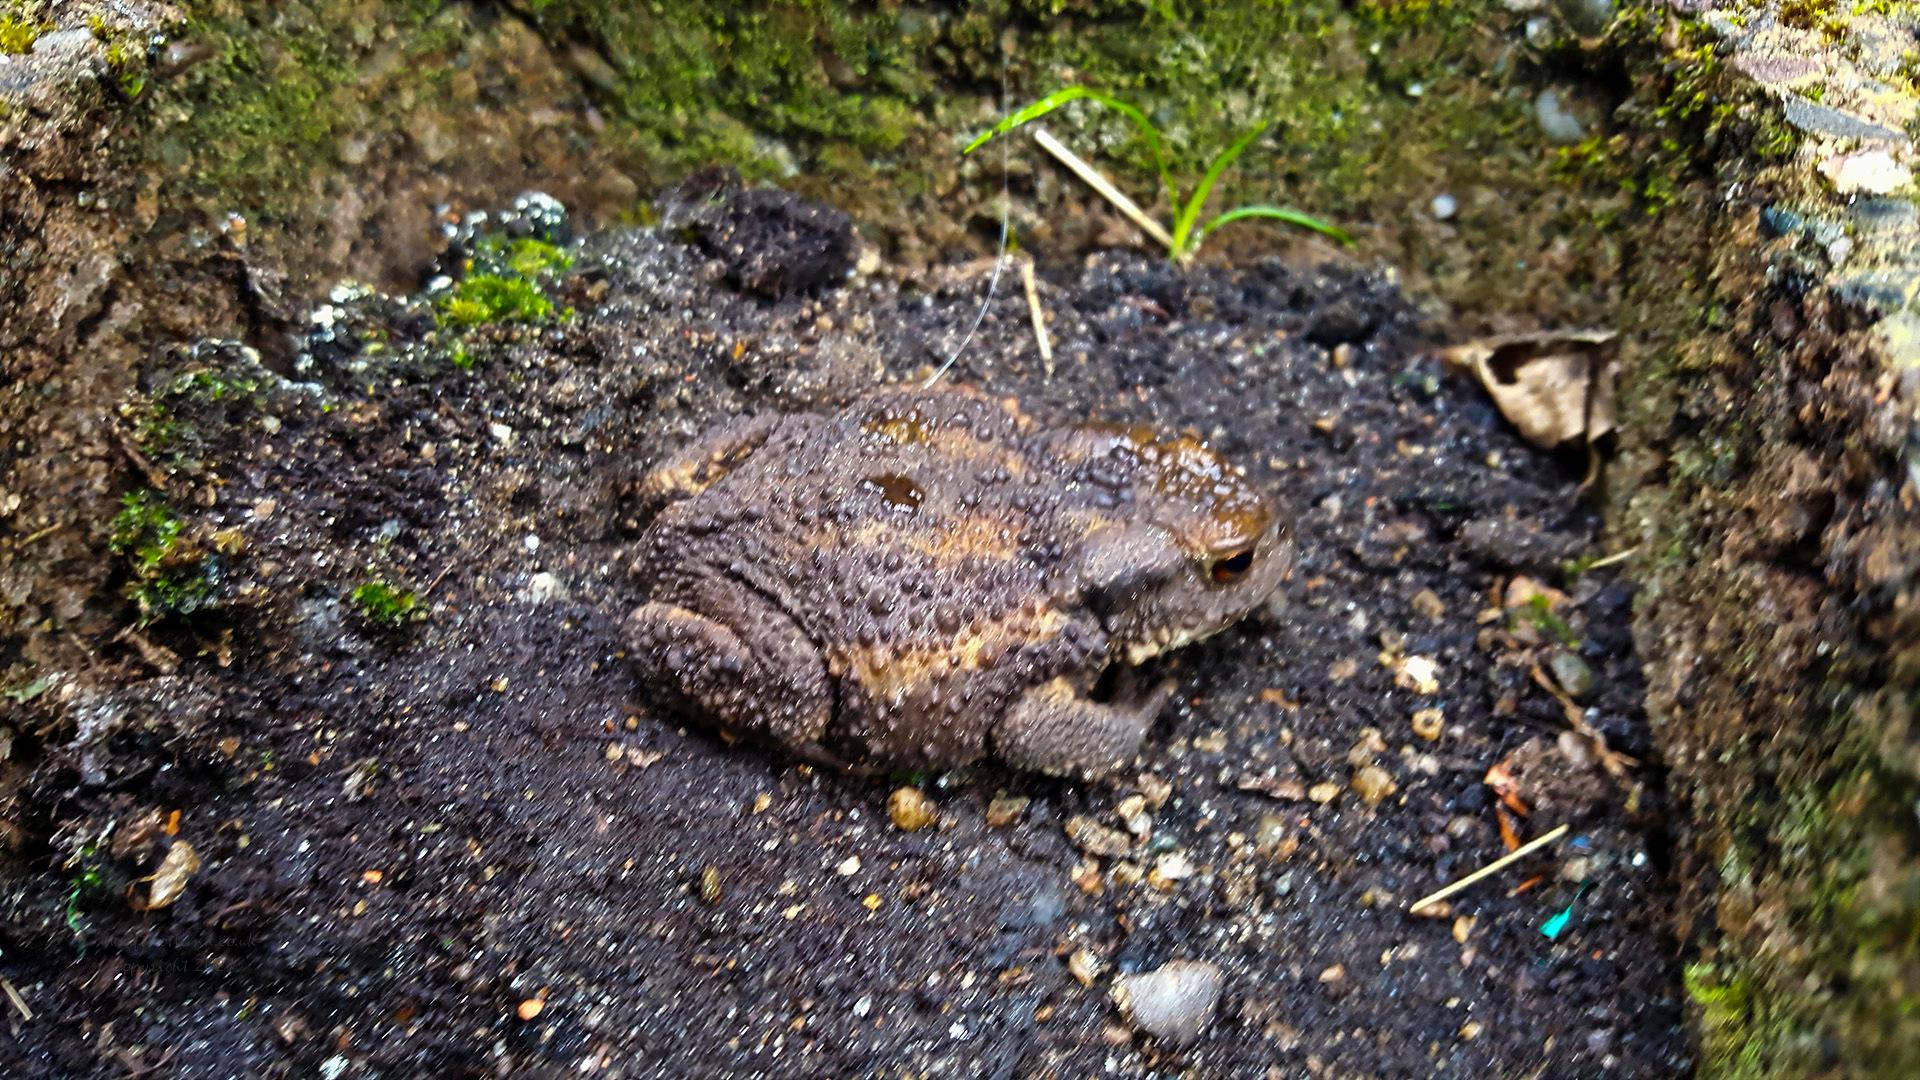 20210704-toad-002.jpg